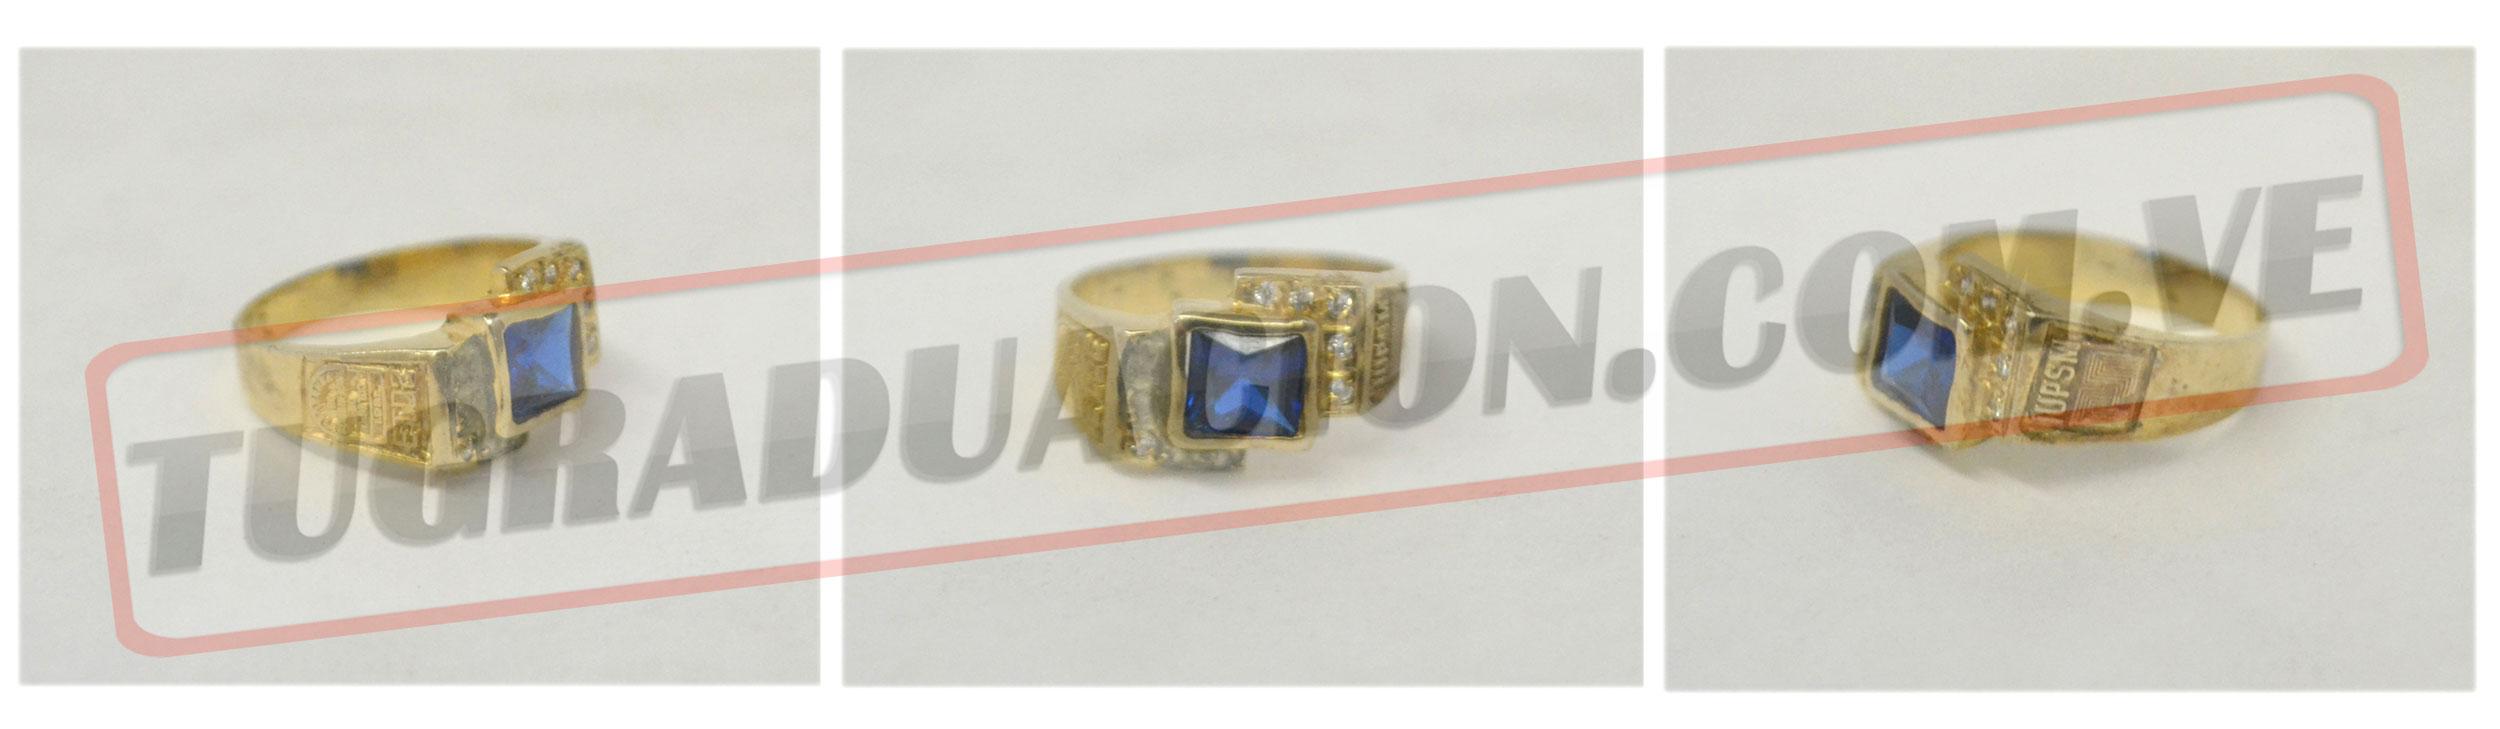 ee39e1bd5bb5 Anillos de graduacion (anillo de grado) Para mujeres y hombres en ...